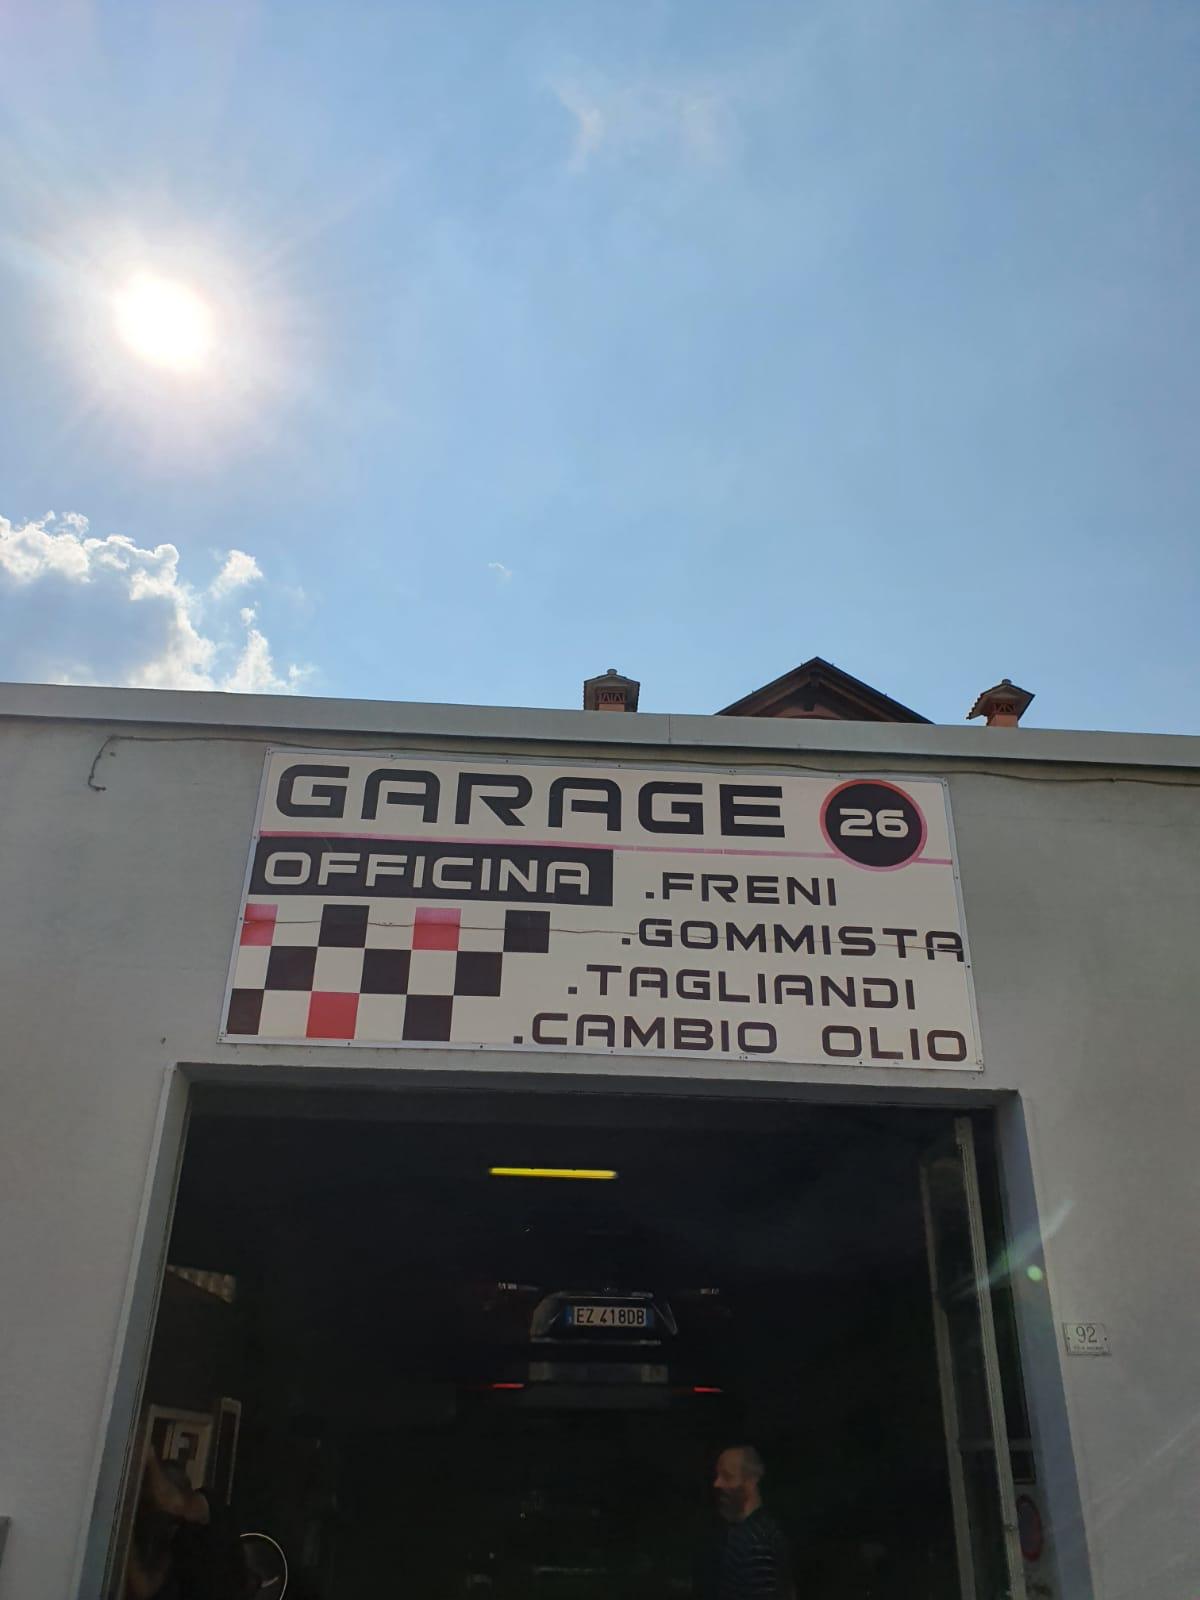 Crys Menaggio Noleggio Auto e Garage 26